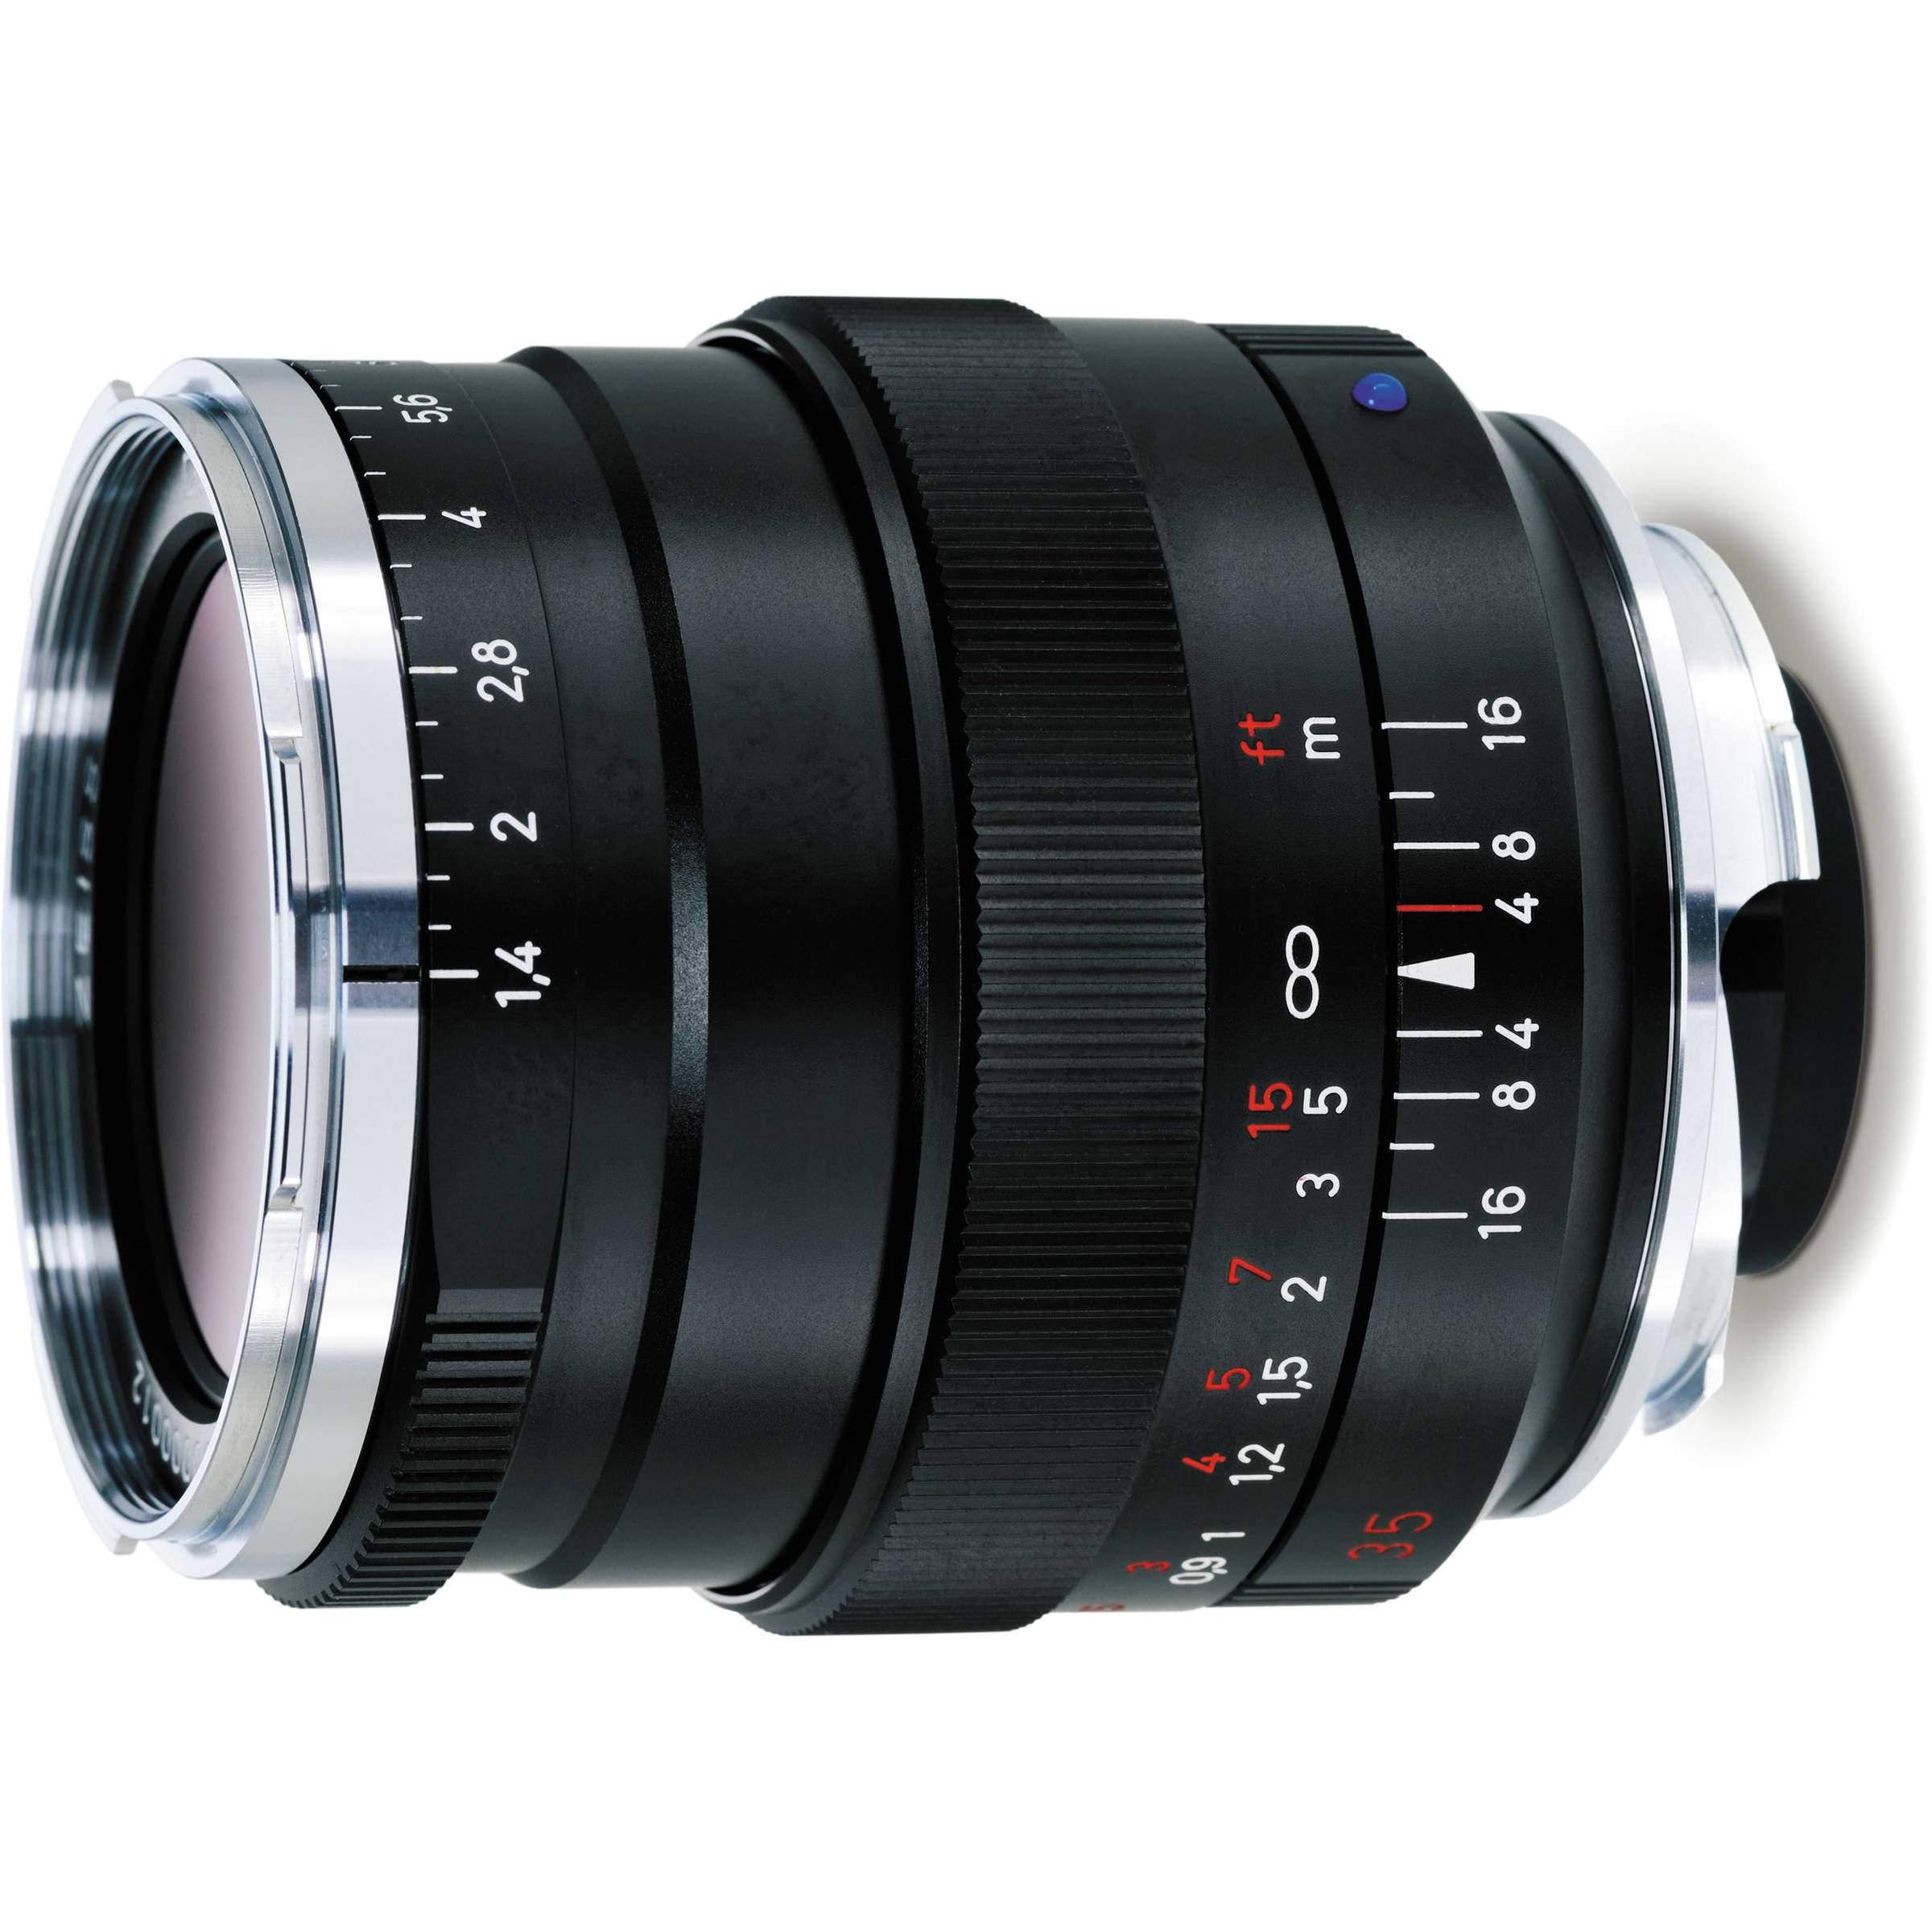 Zeiss Distagon T* 35mm f1 4 ZM - Black